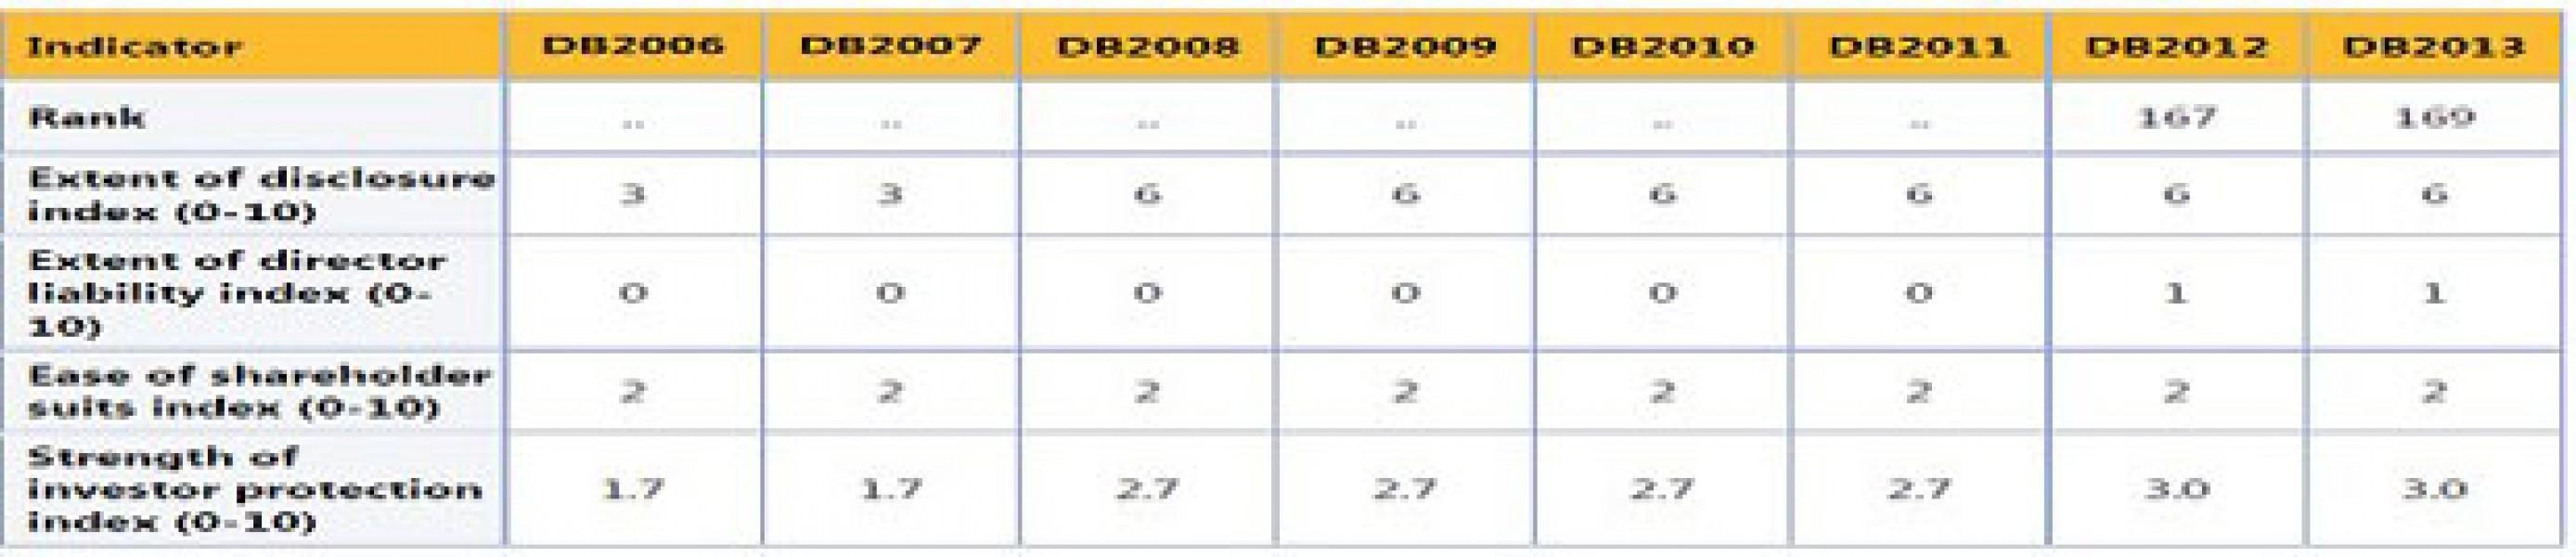 Cận cảnh Luật Doanh nghiệp 2005: Bài 1: Cổ đông thiểu số và cơ chế bảo vệ